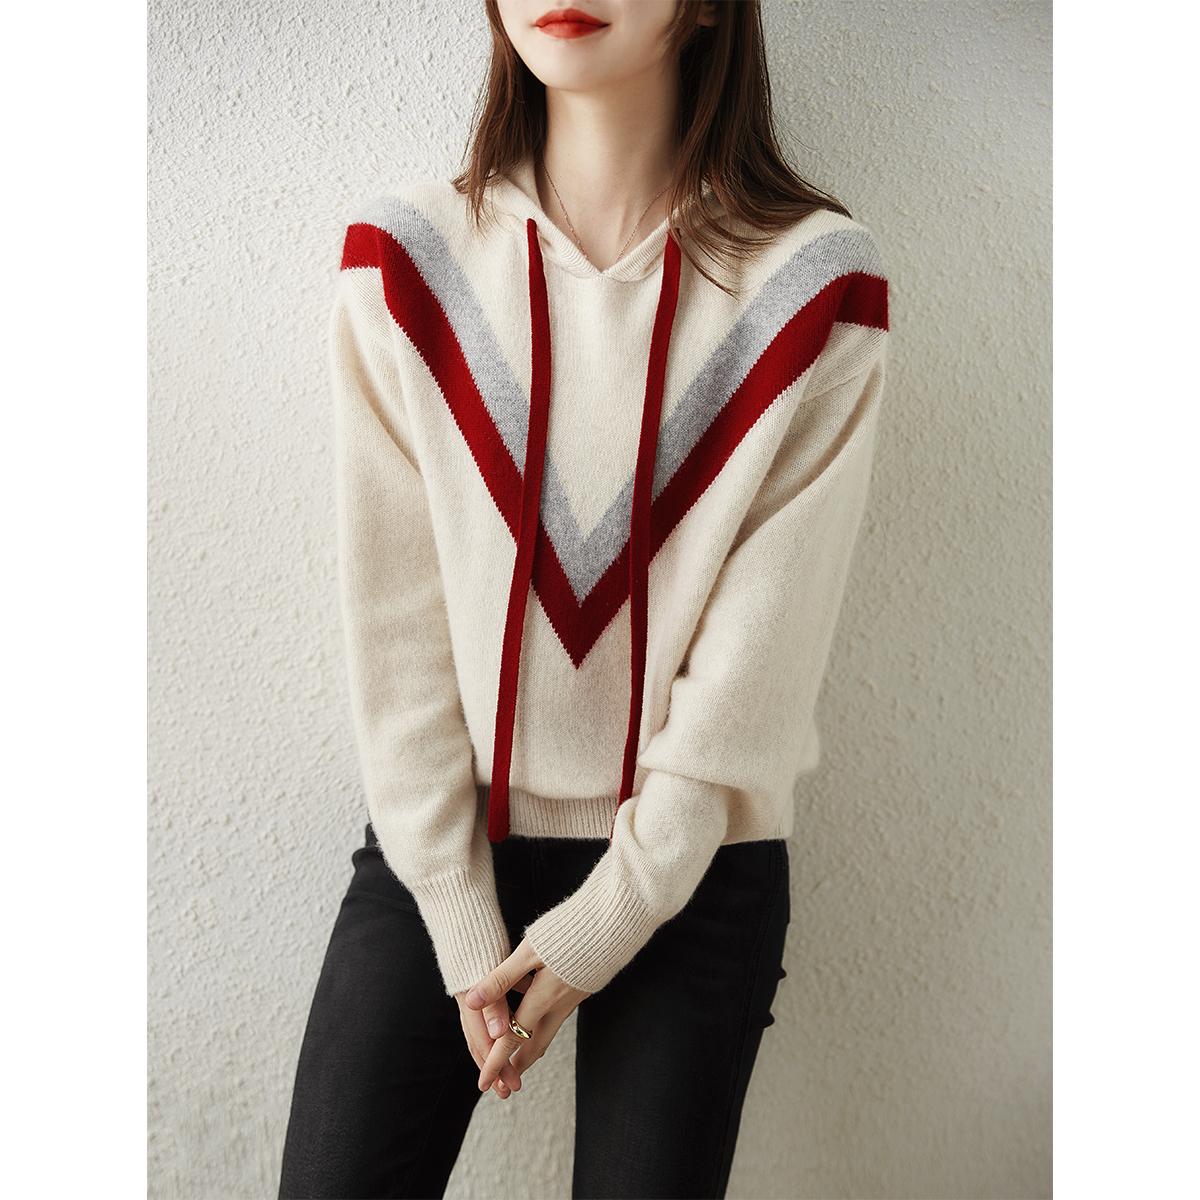 [ZY258435AG]笑涵阁穿不腻的肉感纯羊绒V型几何连帽针织衫卫衣